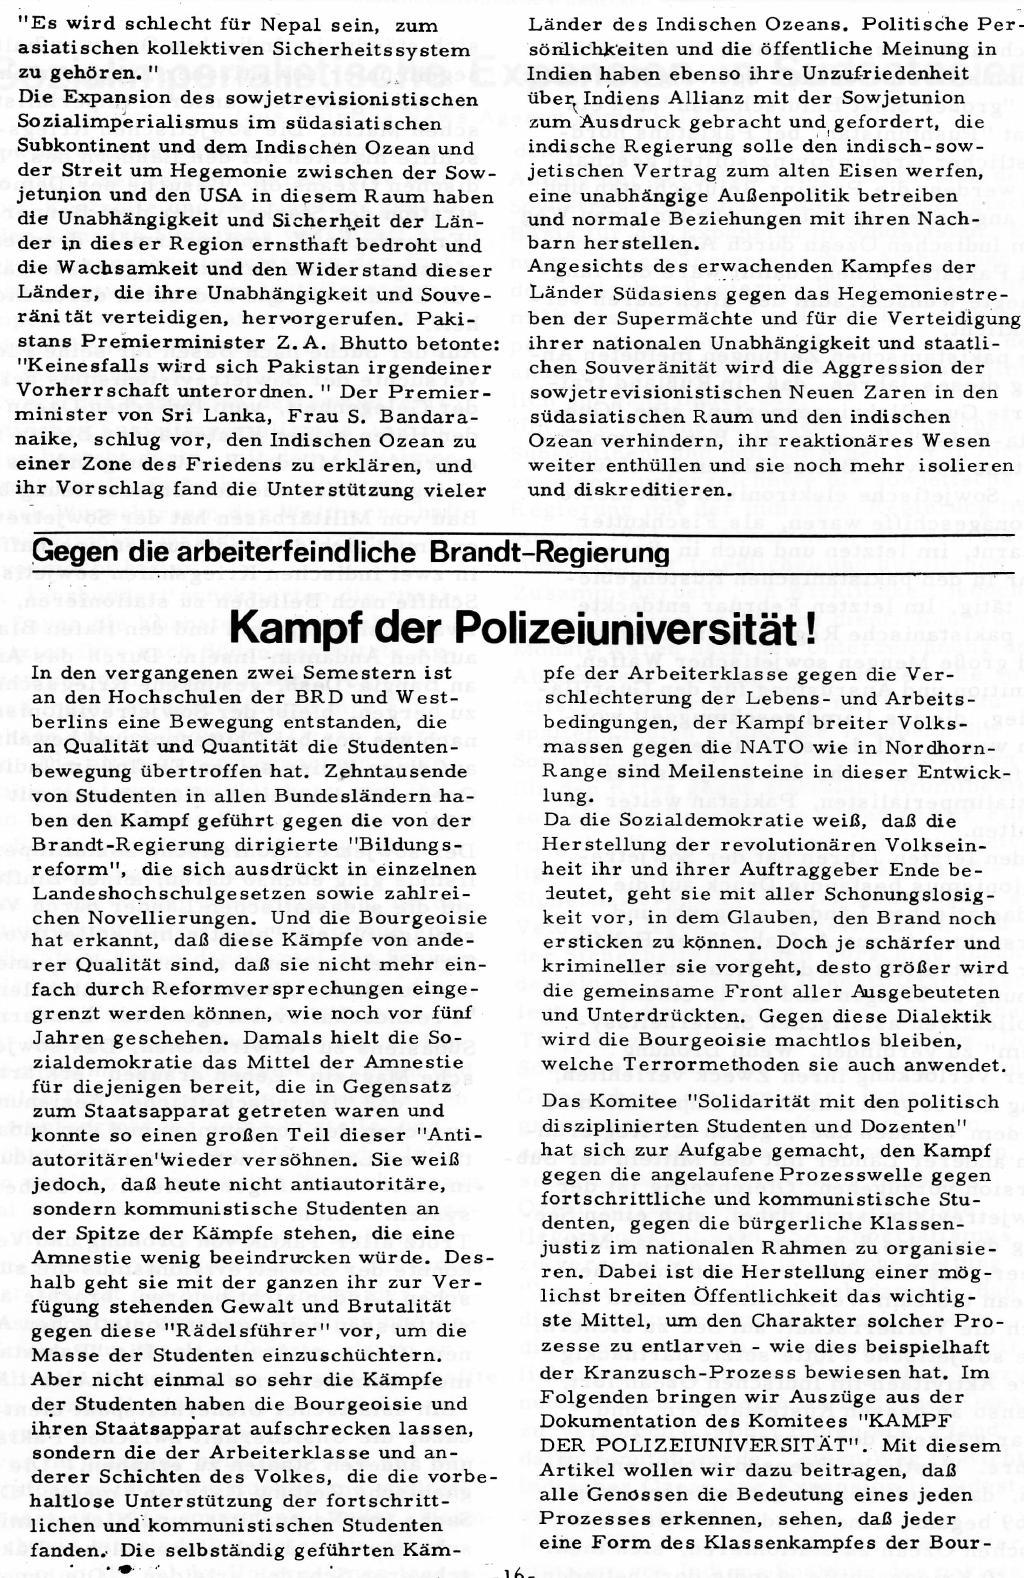 RPK_1973_038_039_16